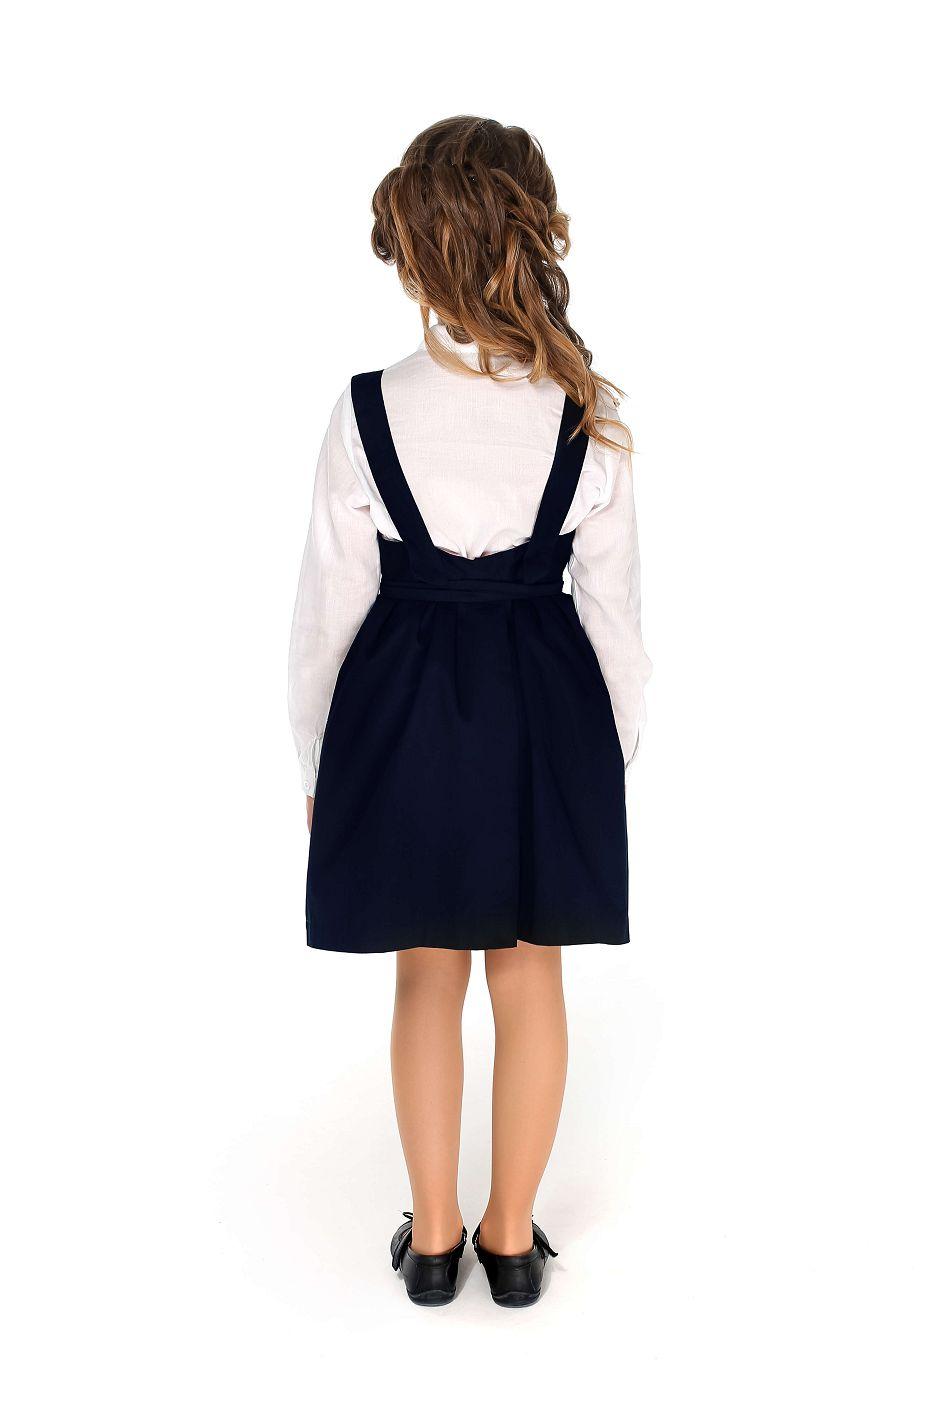 красивий шкільний одяг для дівчаток